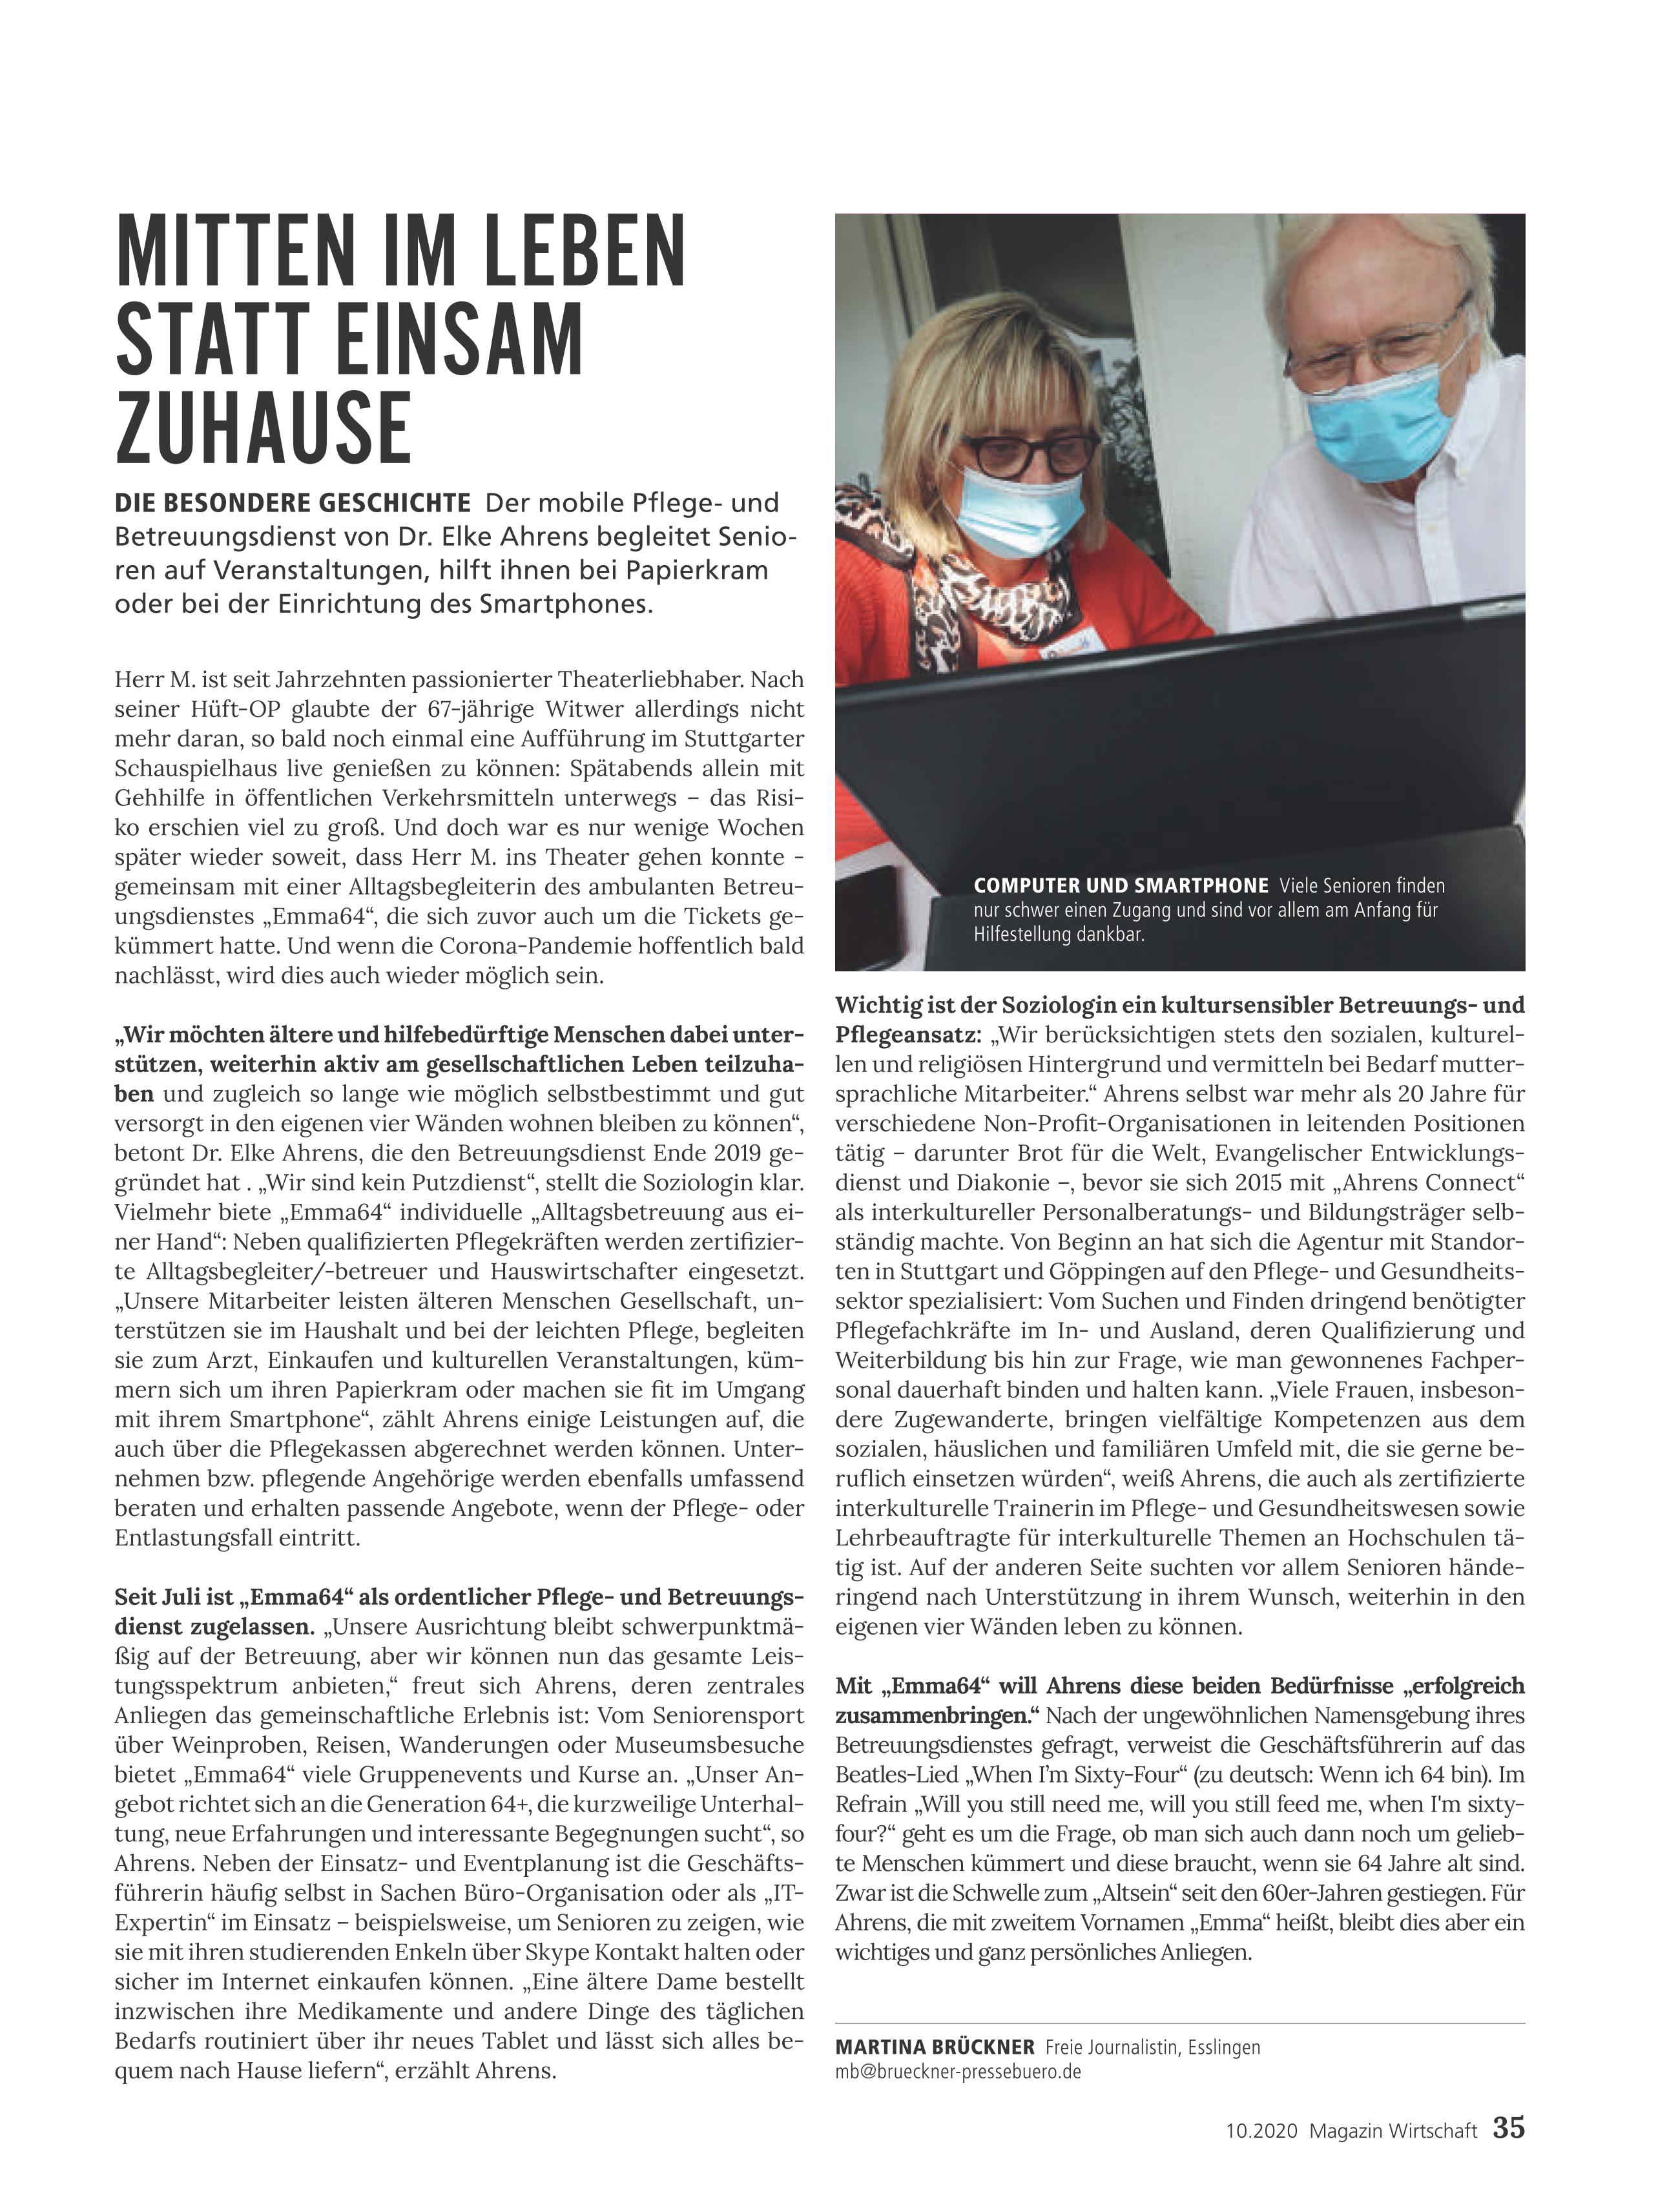 Mitten im Leben – Artikel über Emma64 im IHK Magazin